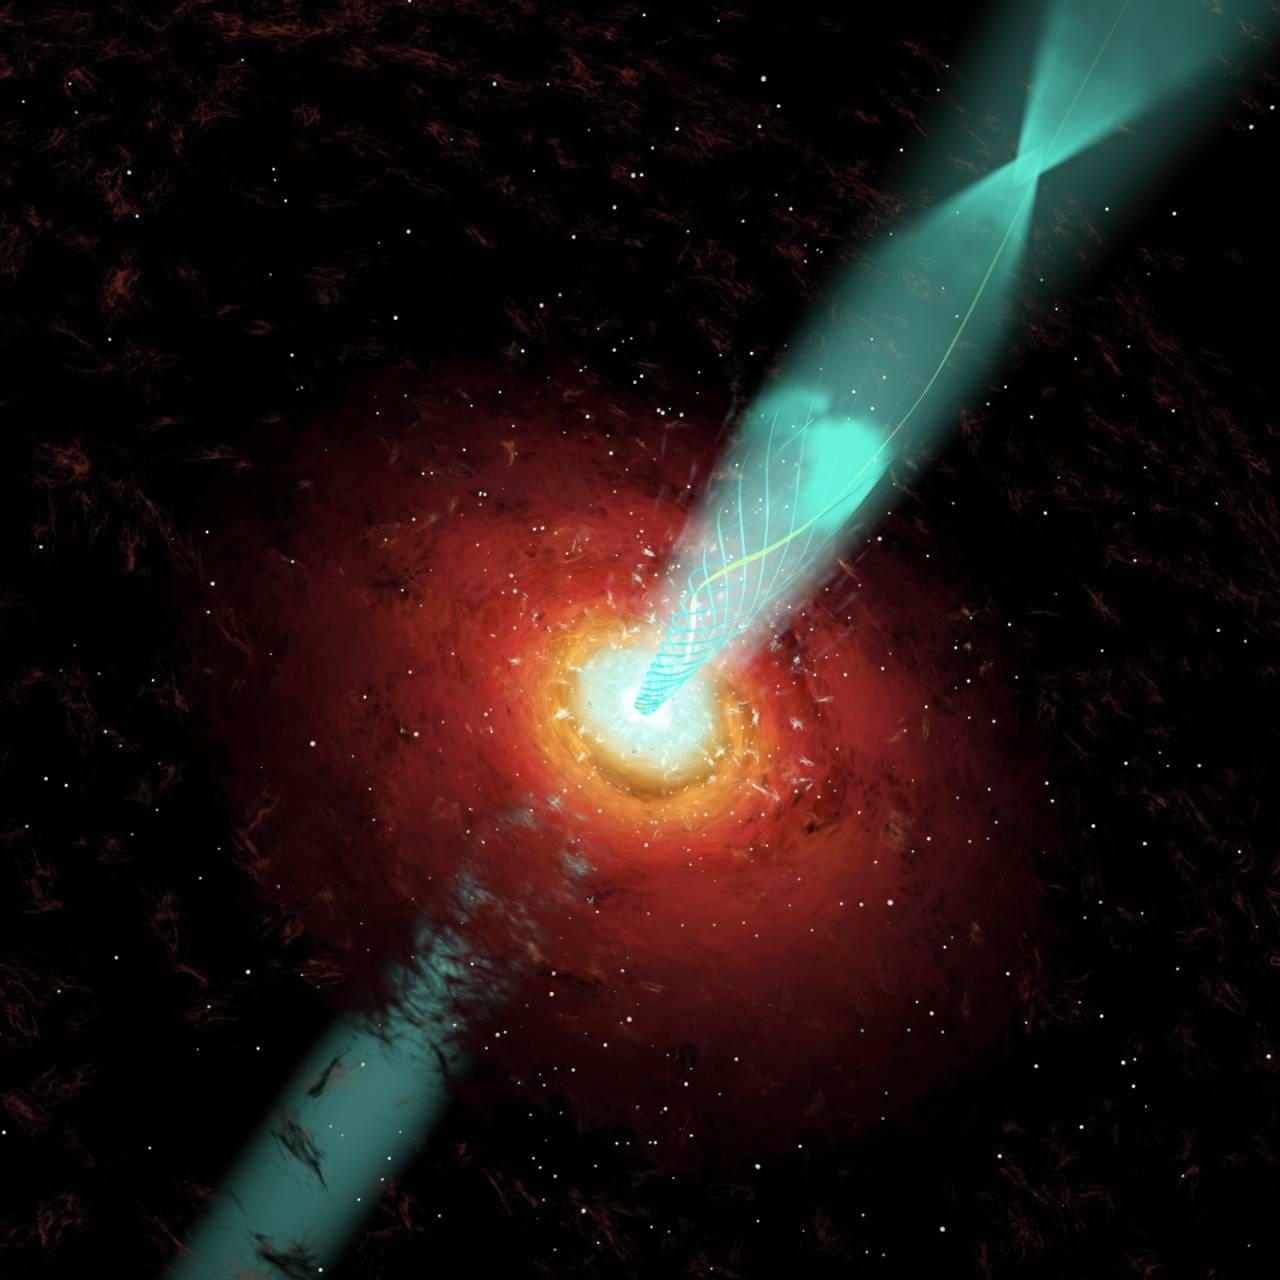 Les astronomes de DST retracent une énorme éruption optique d'un trou noir supermassif découvert dans les années 1960